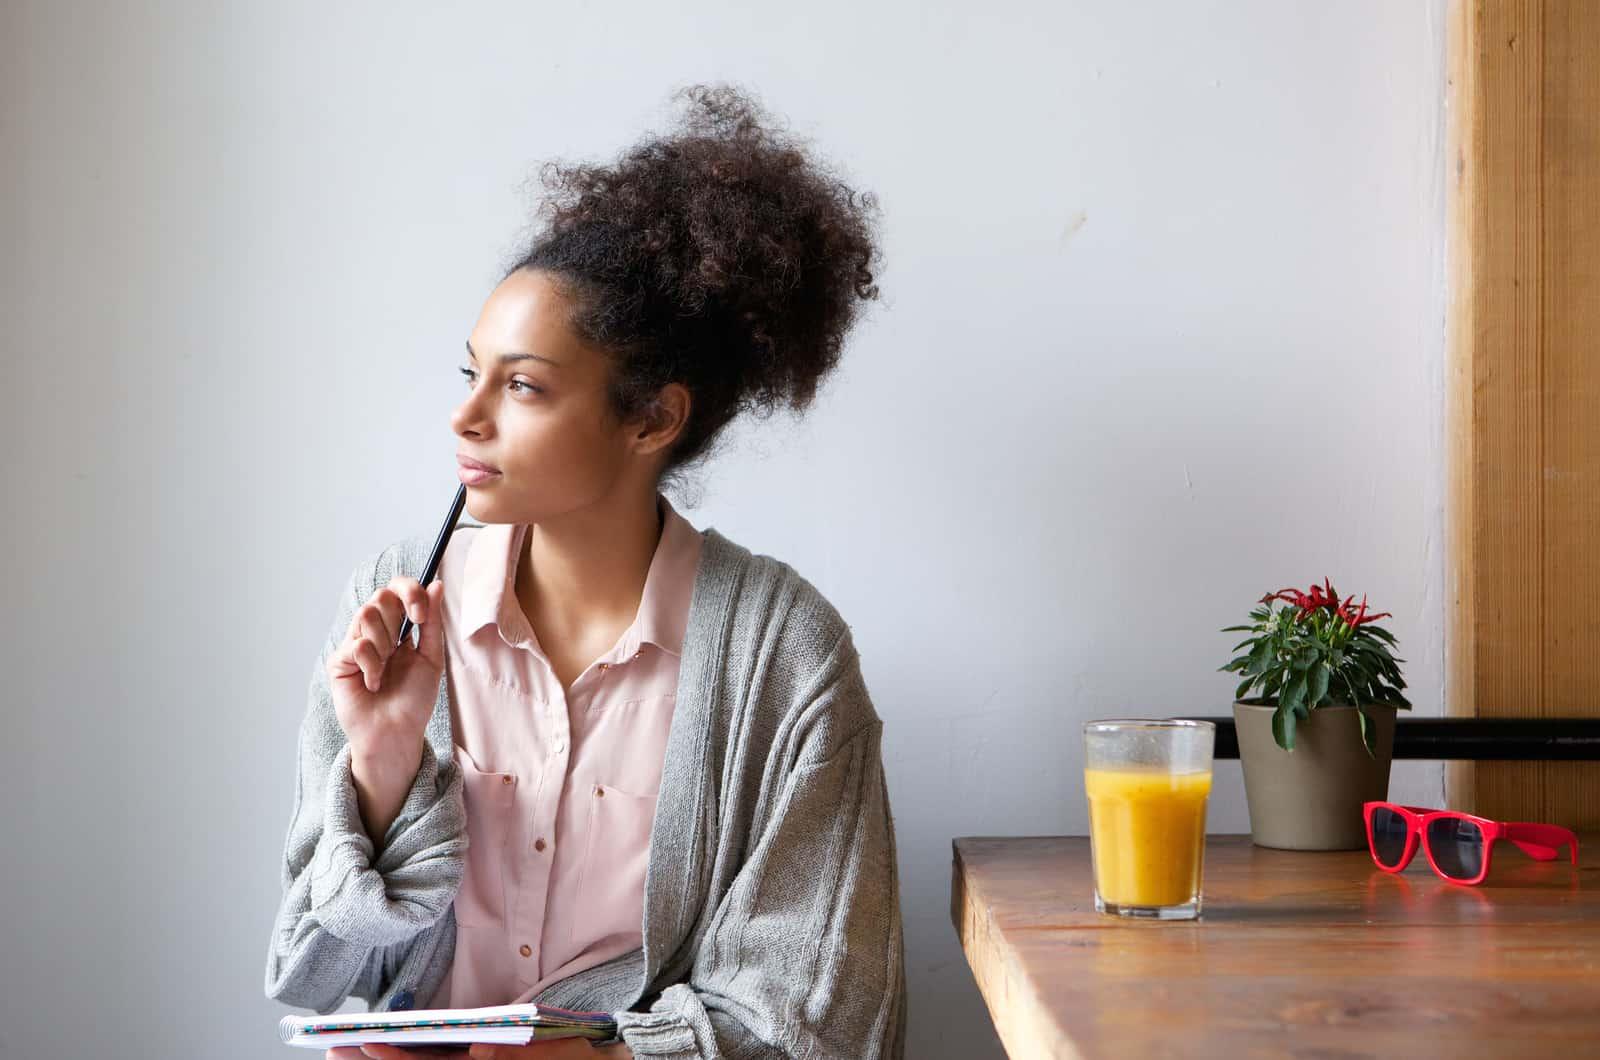 Frau am Schreibtisch denkt nach